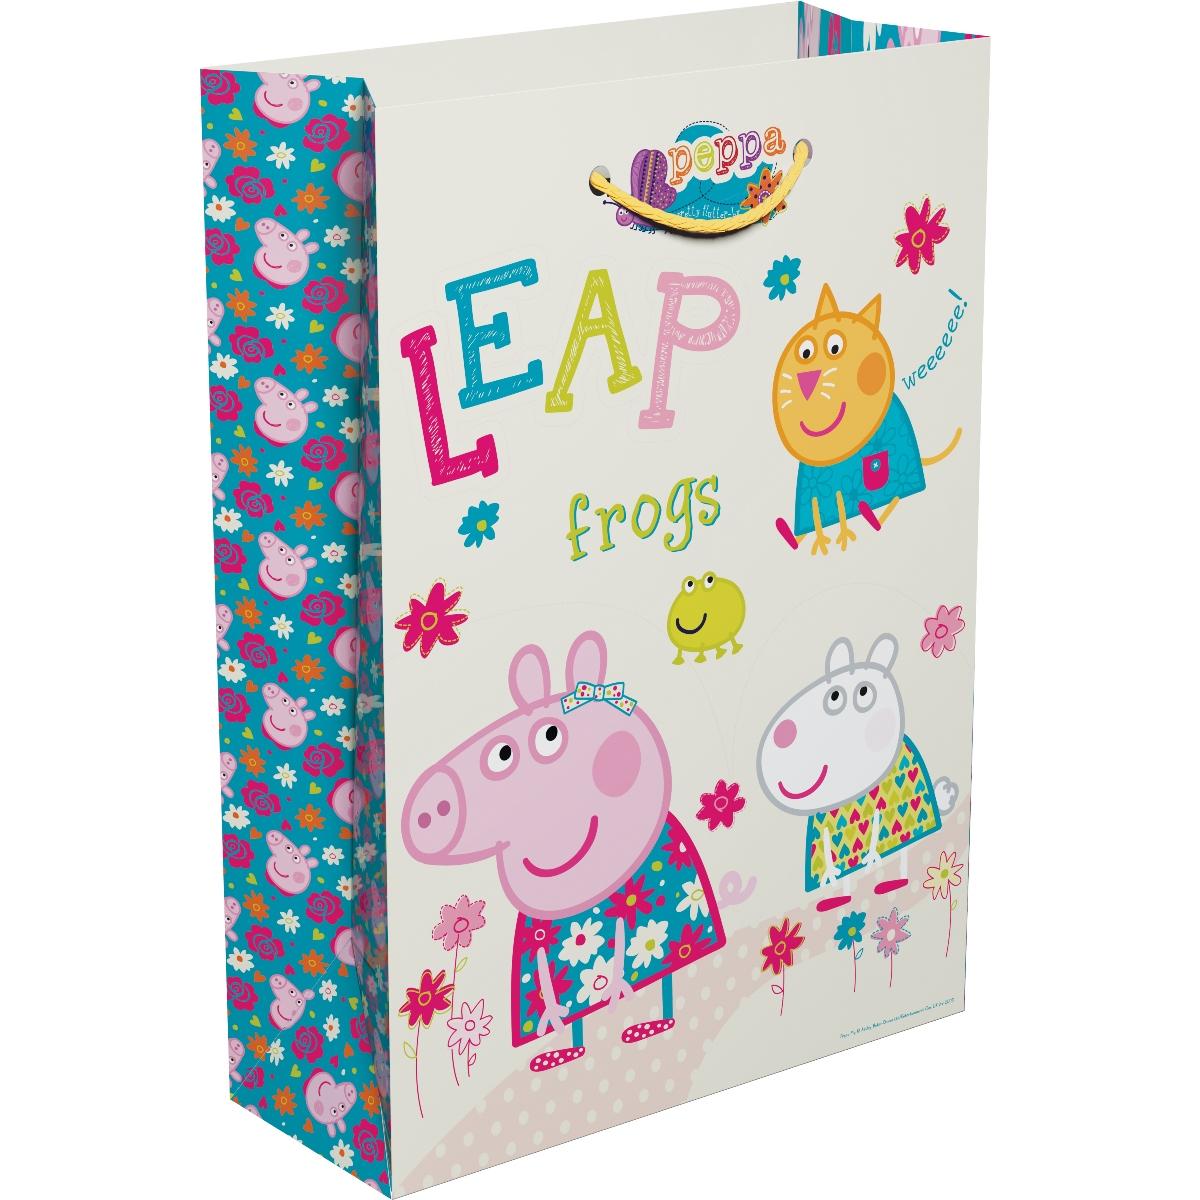 Peppa Pig Пакет подарочный Весна Пеппы 35 х 25 х 9 см весна 35 см